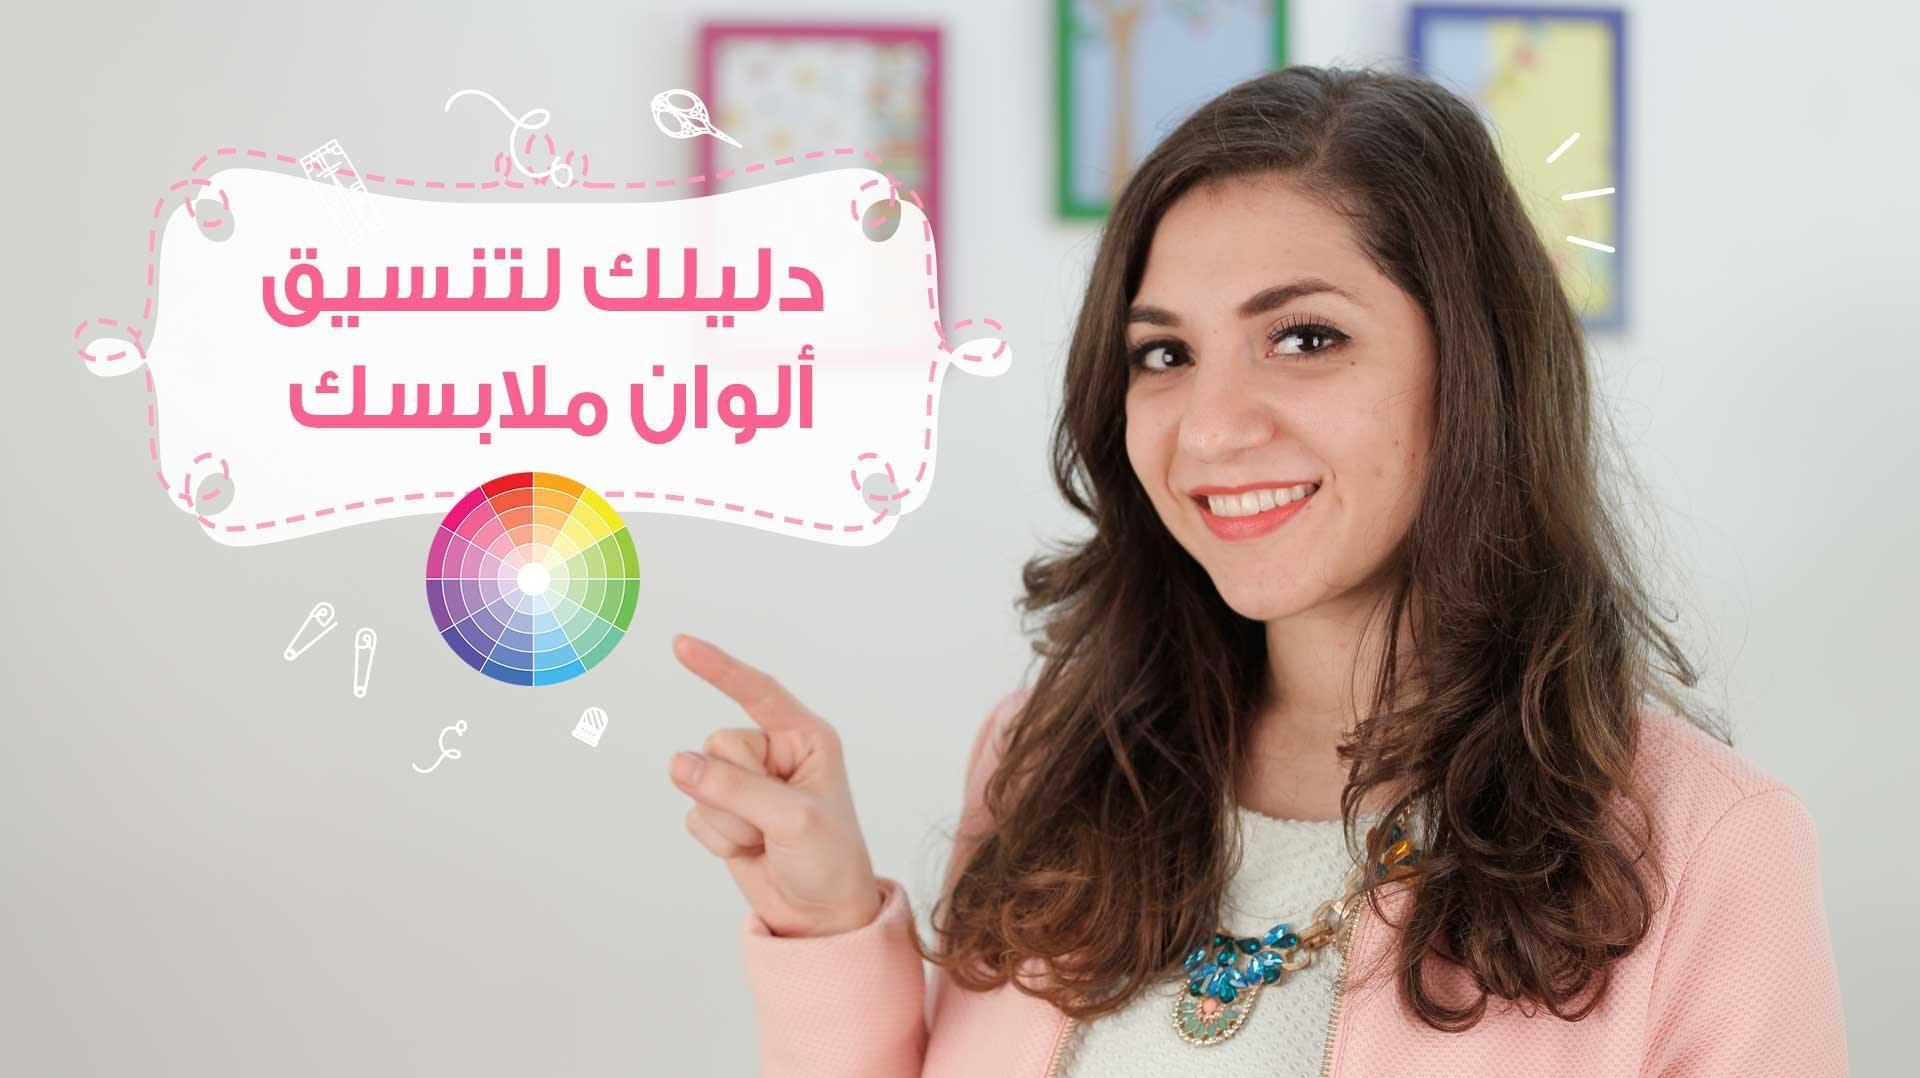 طريقة مبتكرة لتنسيق ألوان ملابسك